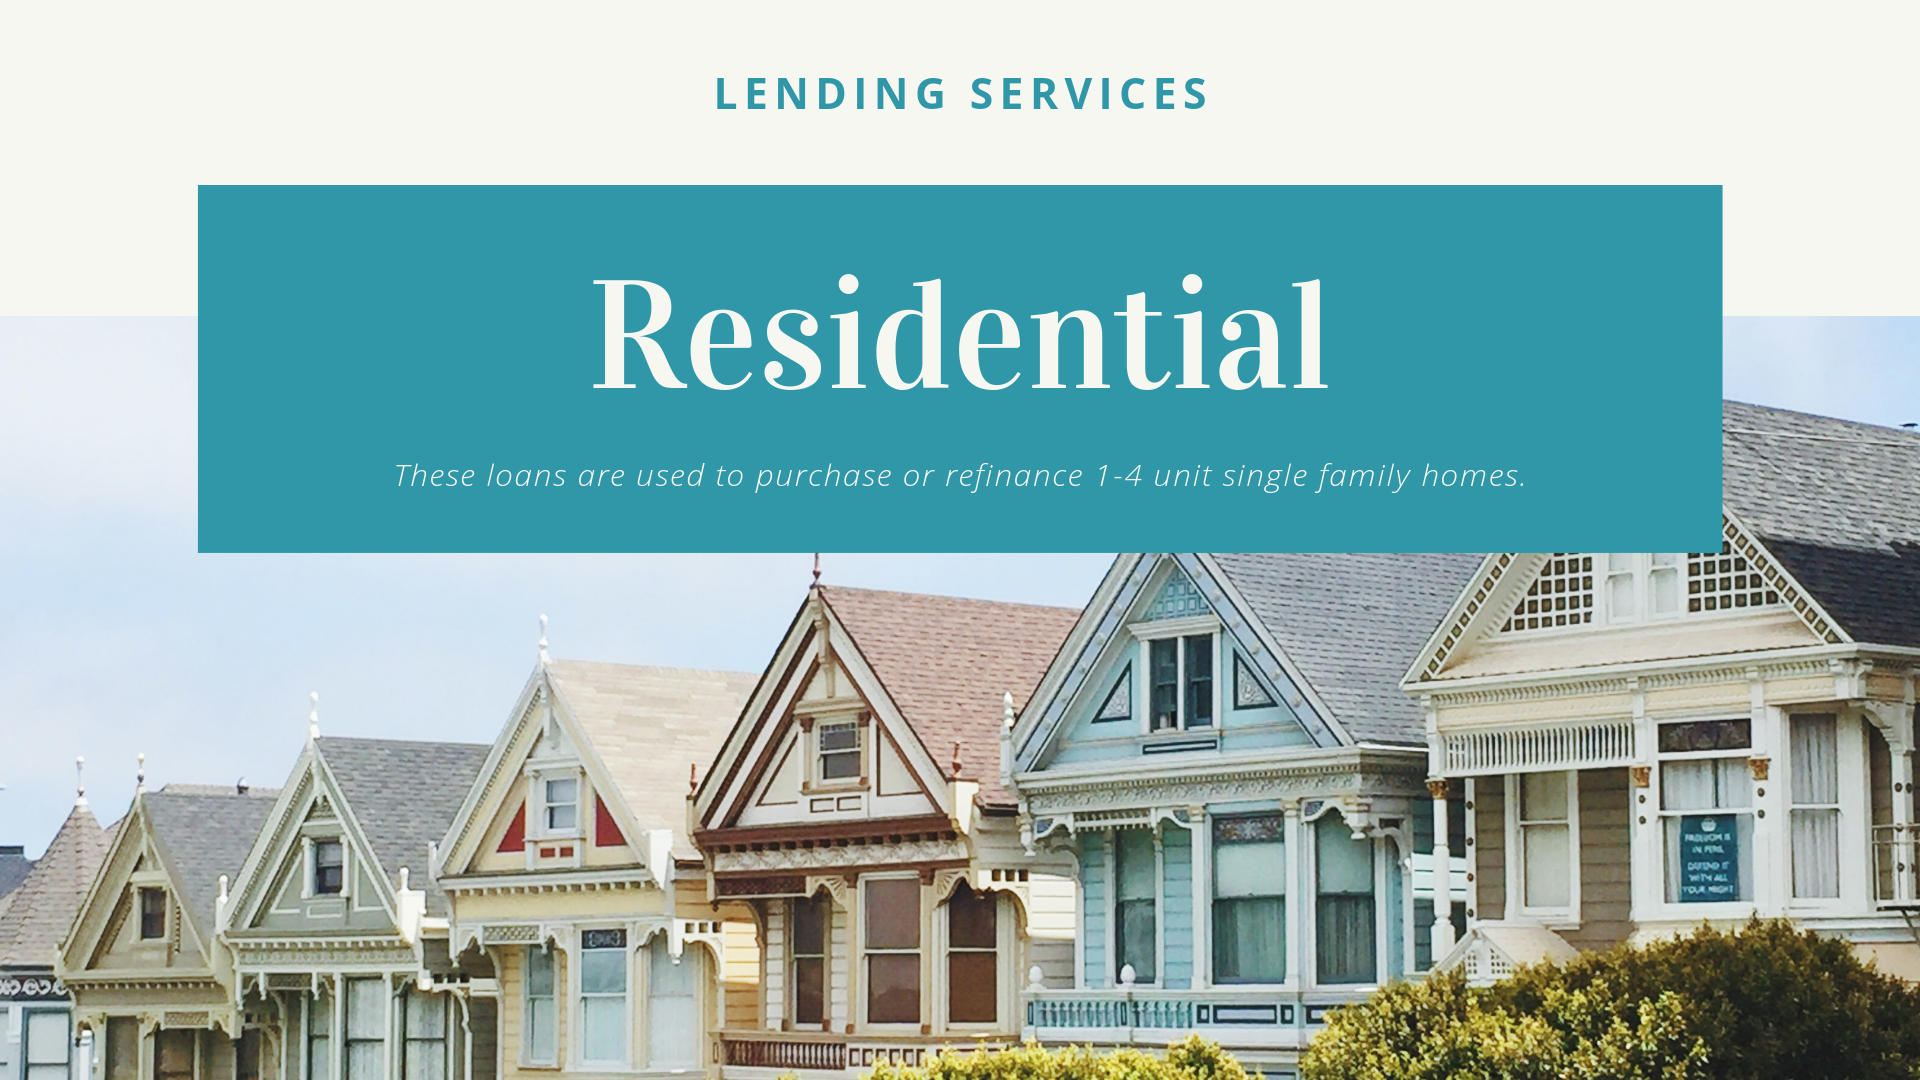 Residential real estate lending